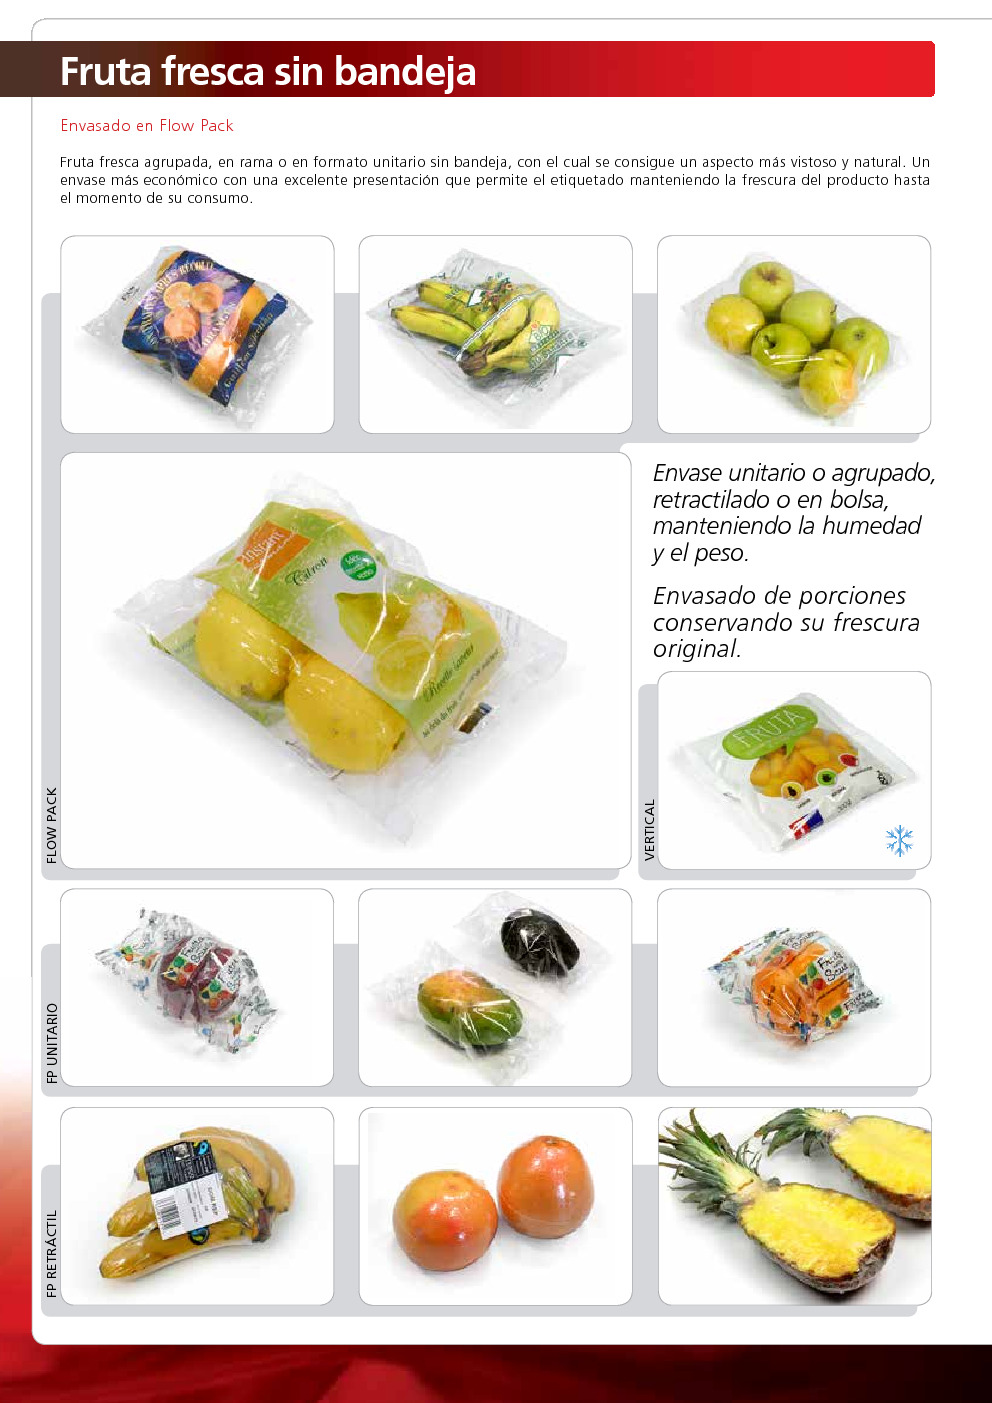 Soluciones de envasado para productos hortofrut colas ulma - Ulma granada ...